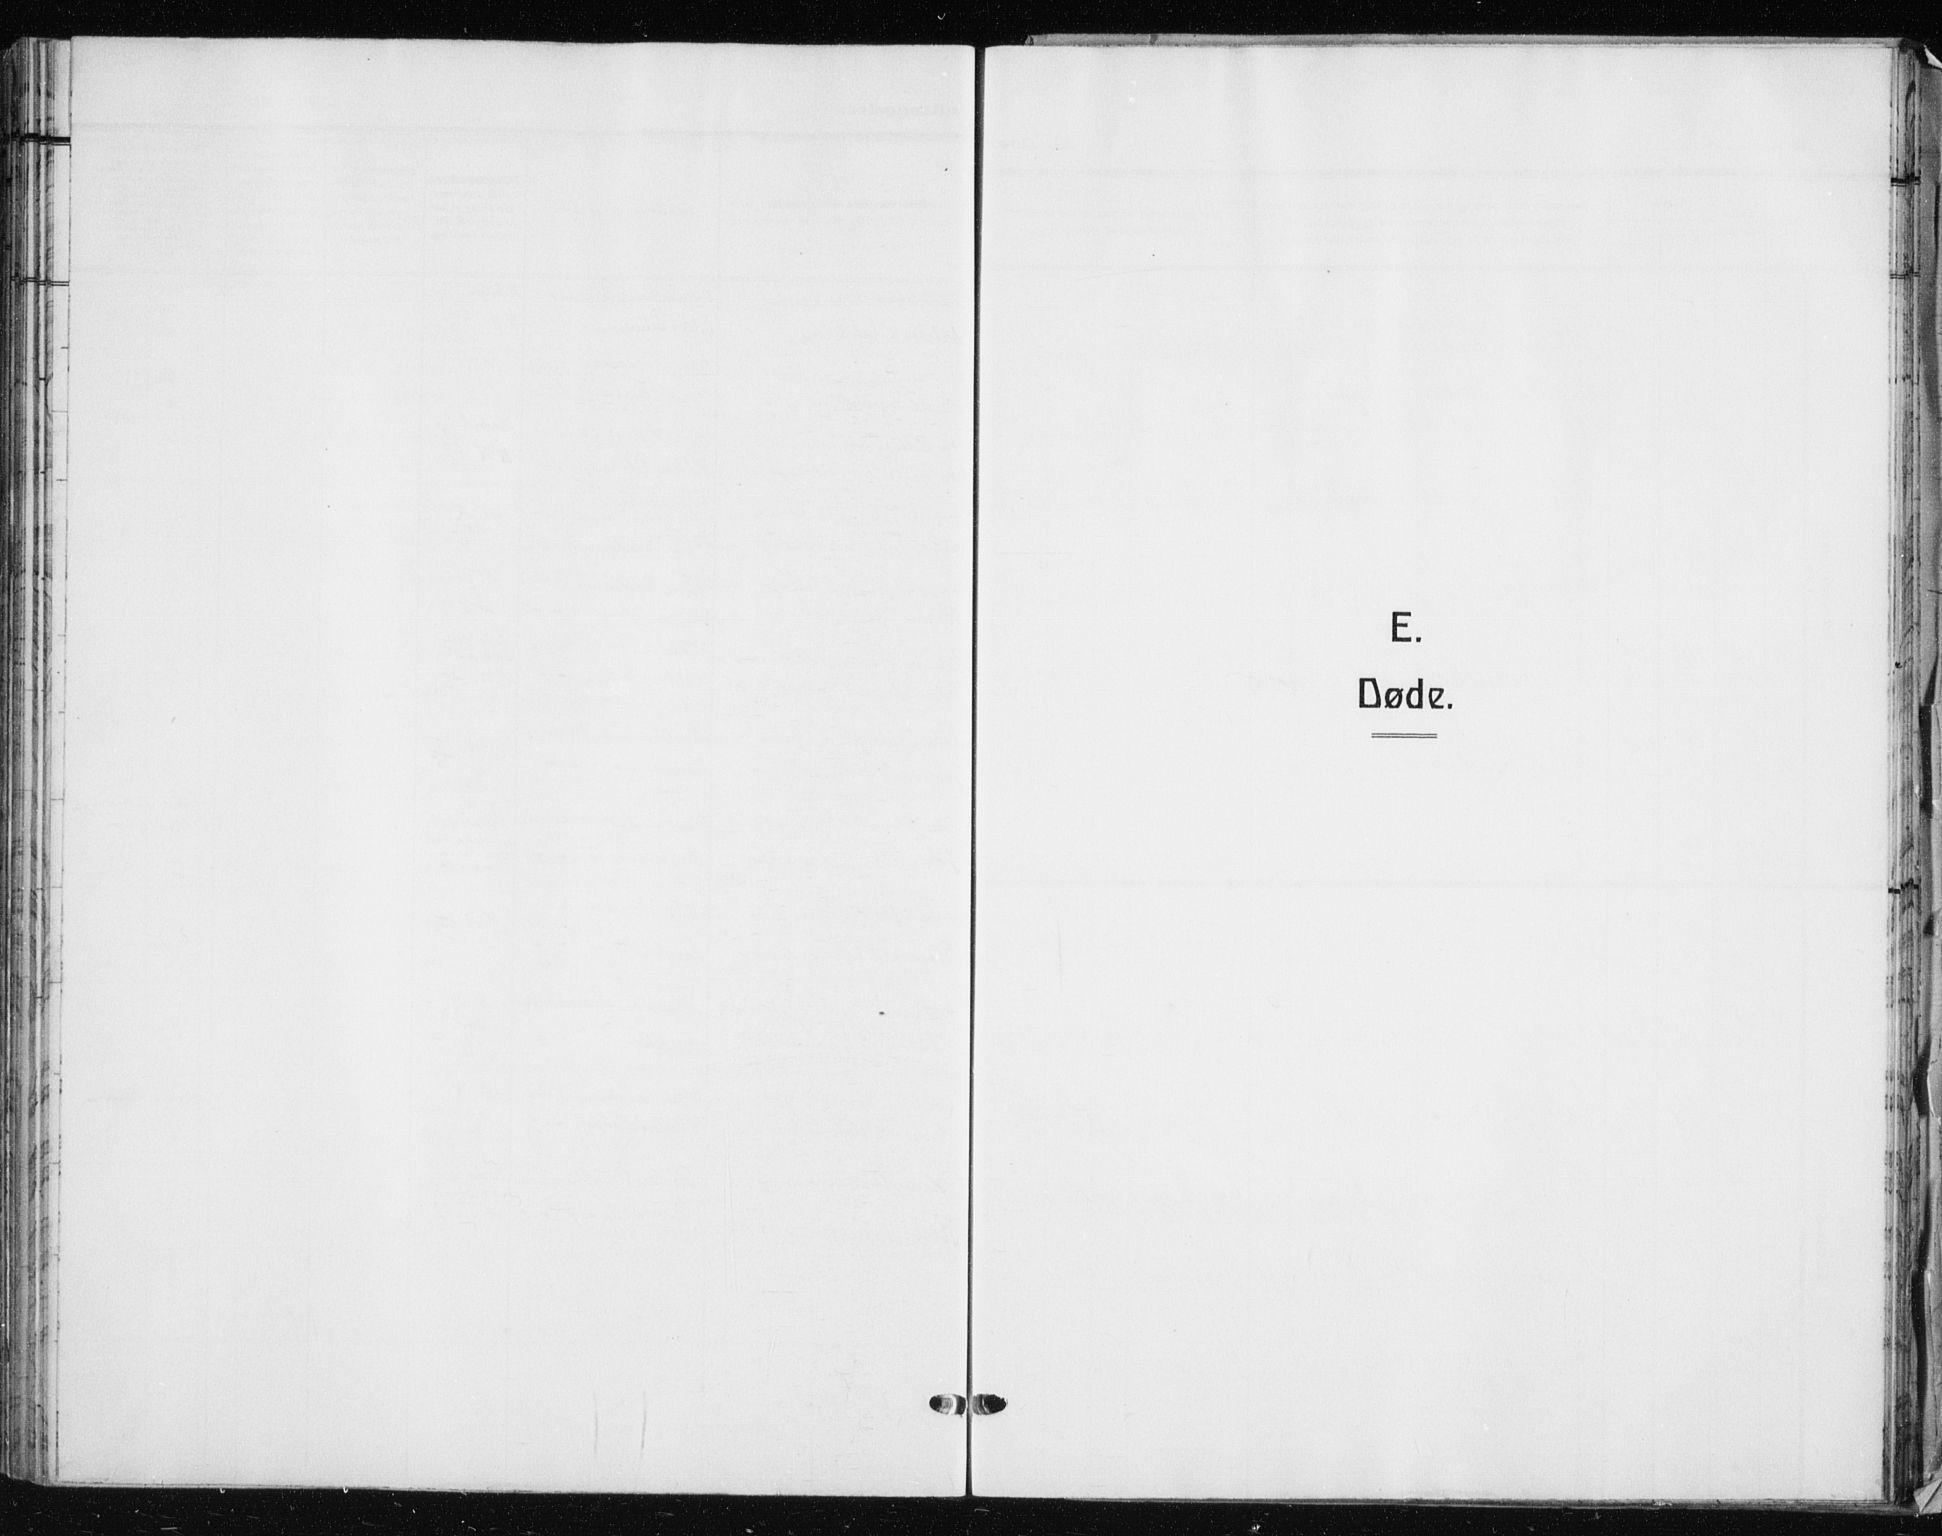 SATØ, Sør-Varanger sokneprestkontor, H/Hb/L0006klokker: Klokkerbok nr. 6, 1929-1938